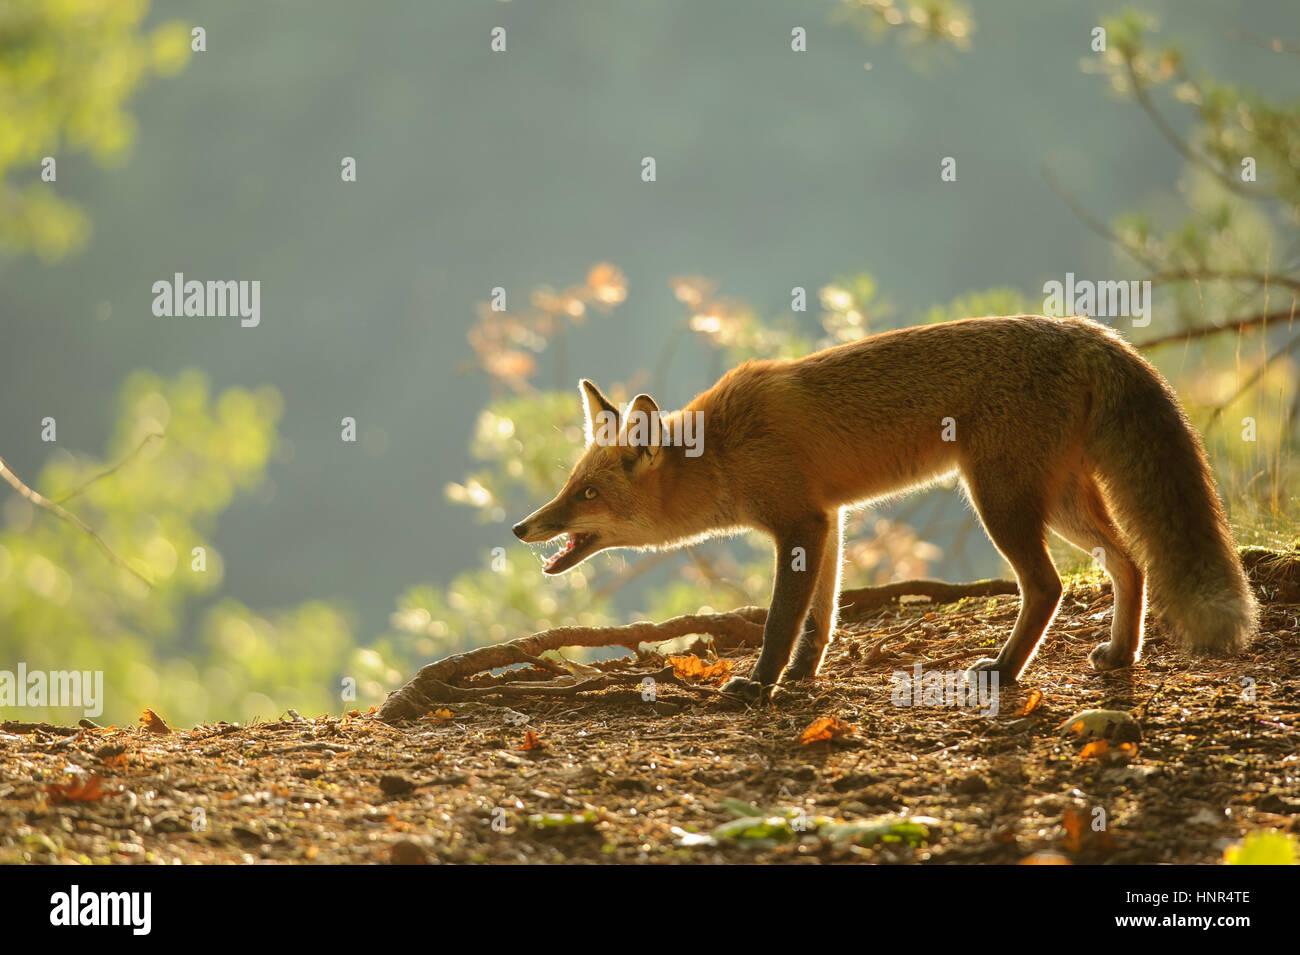 Rannicchiato Red Fox in autunno di bellezza la retroilluminazione con bocca aperta Immagini Stock